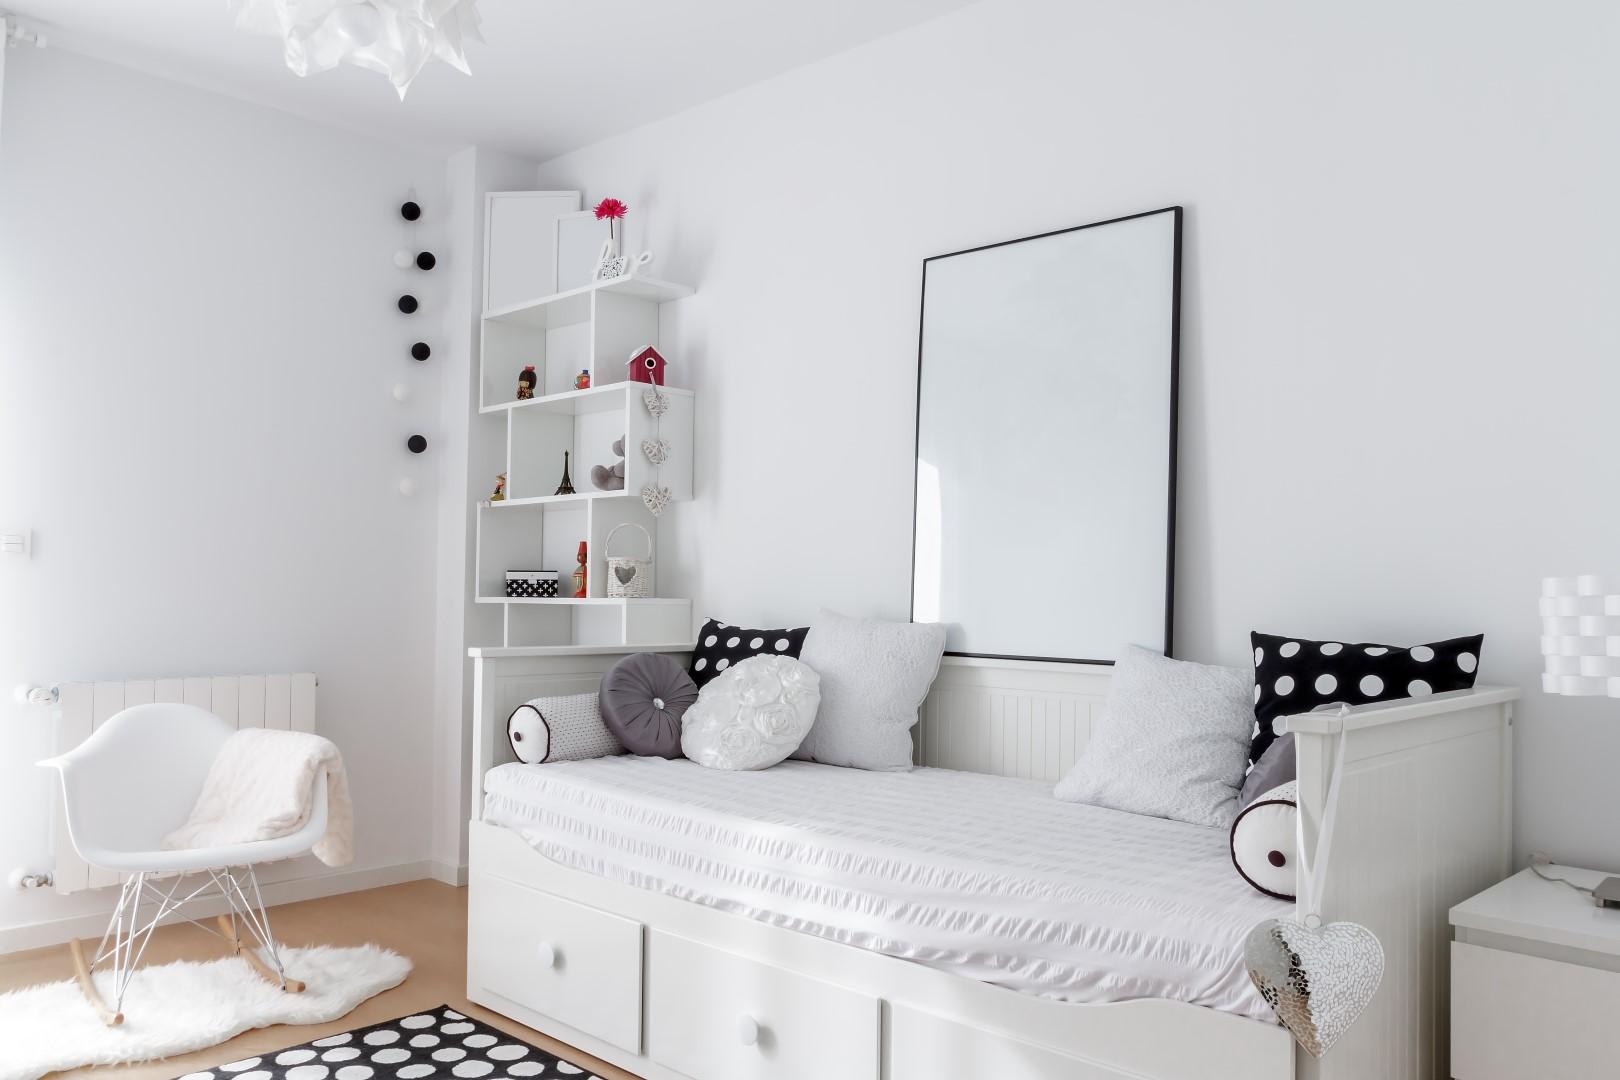 Bílý pokoj s černobílými doplňky